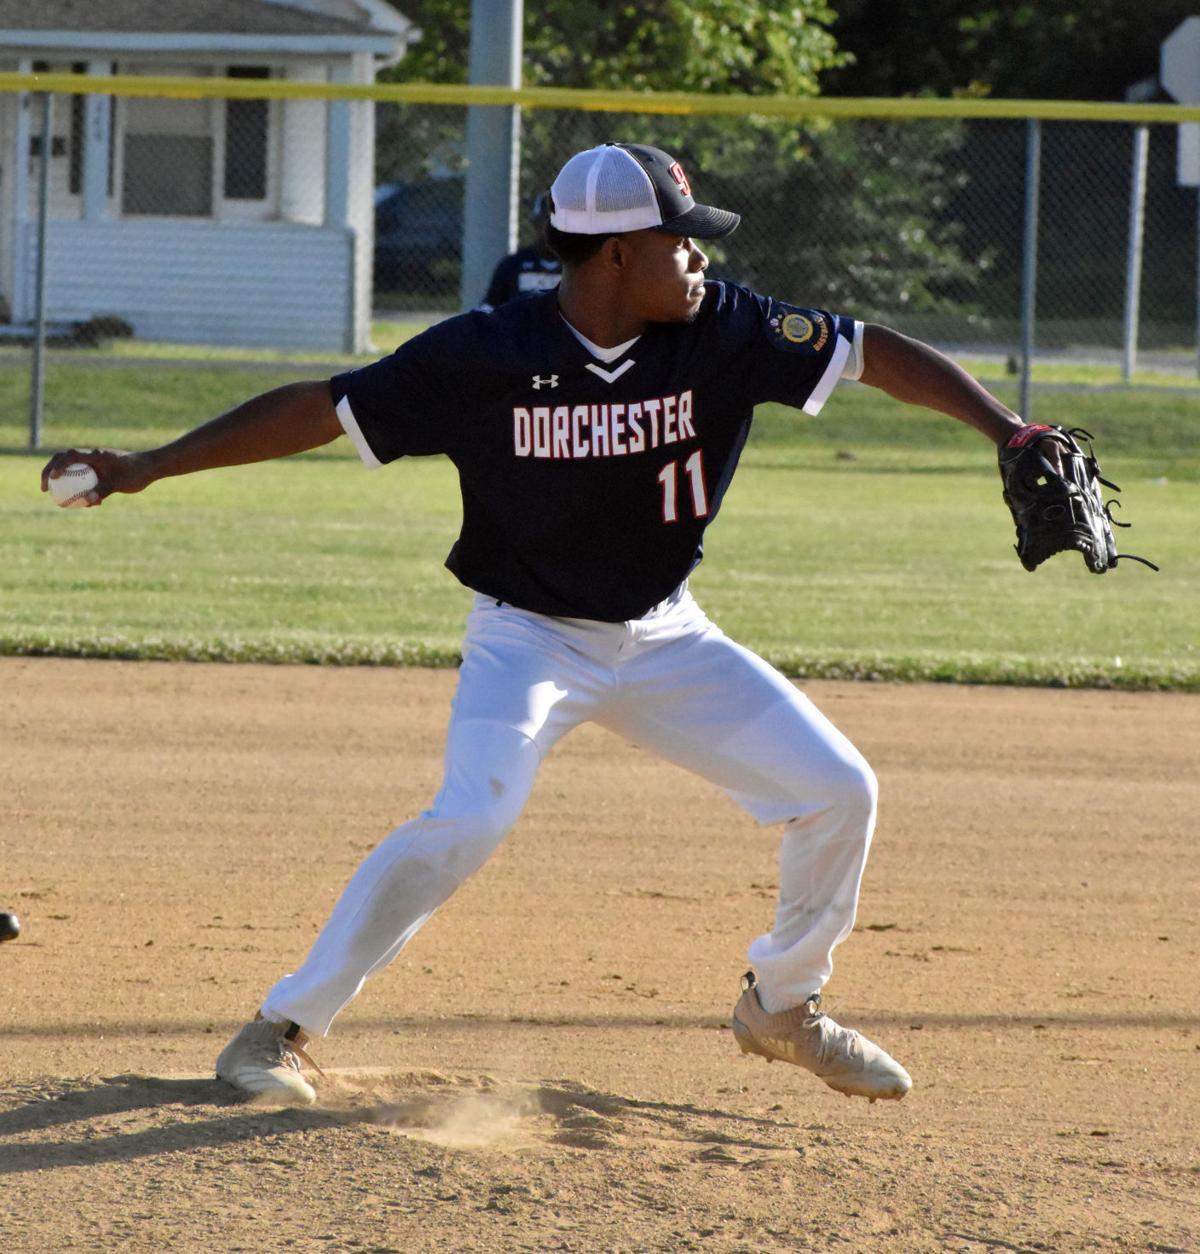 American Legion Baseball: Wicomico at Dorchester, July 1, 2019